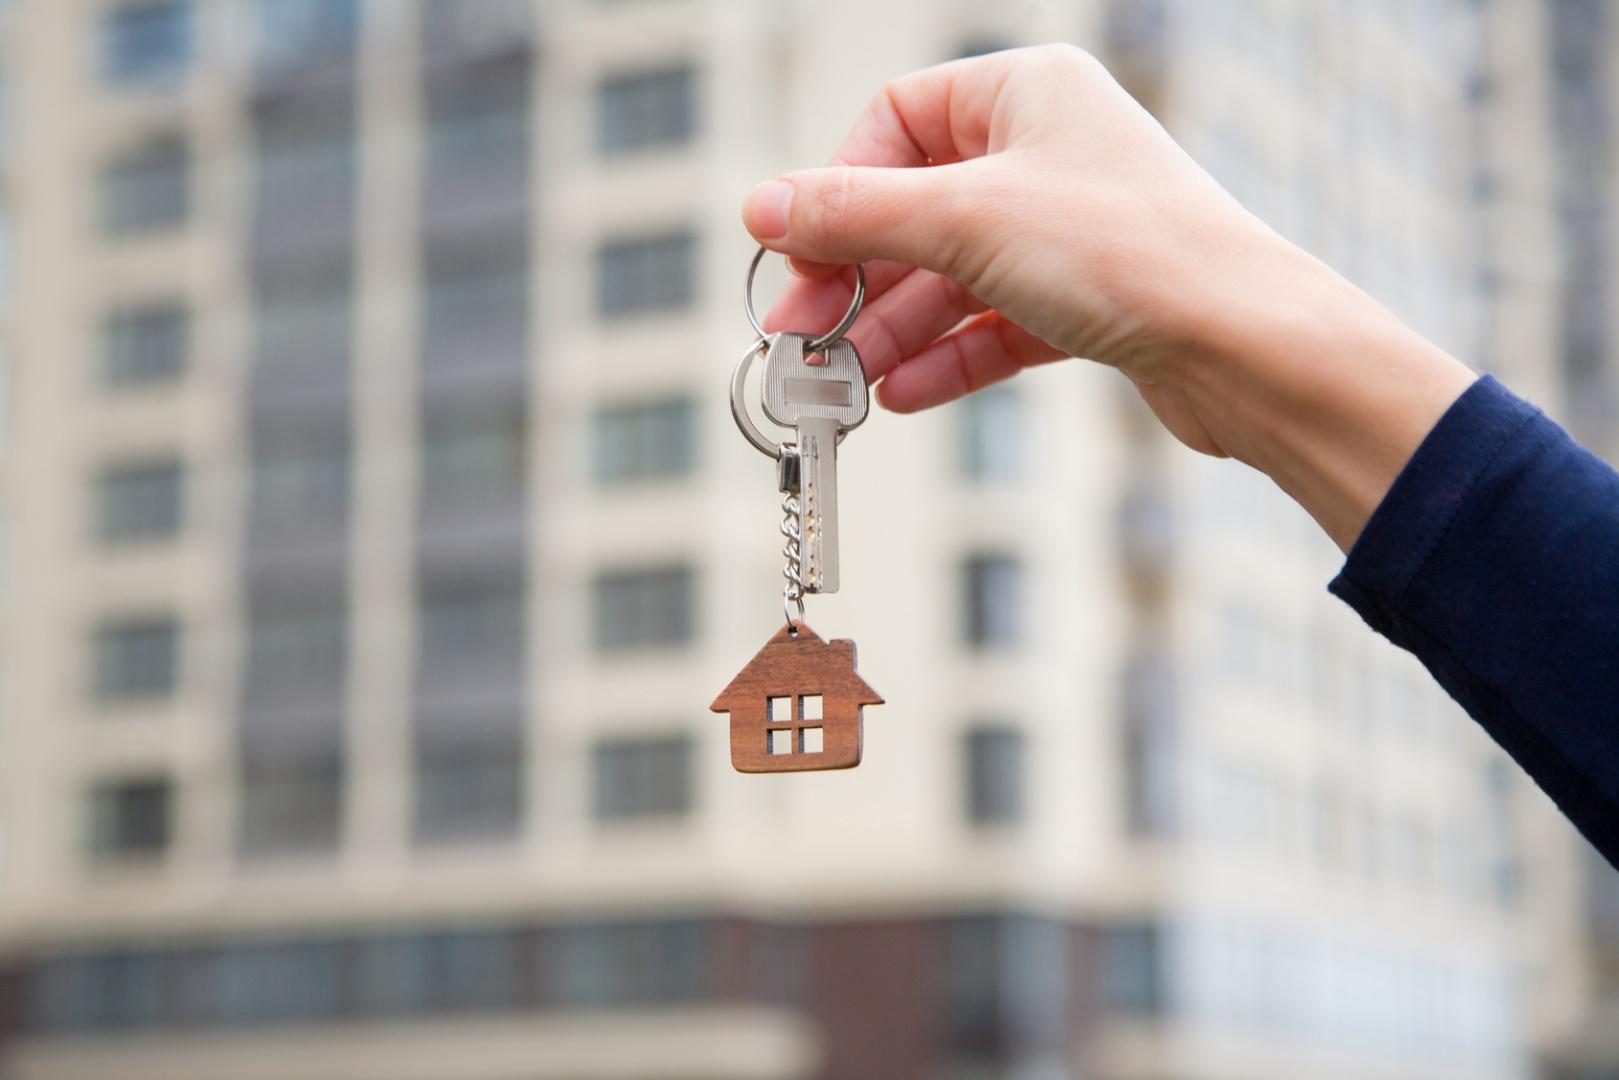 Программа льготной ипотеки будет продлена до 1 июля 2022 года